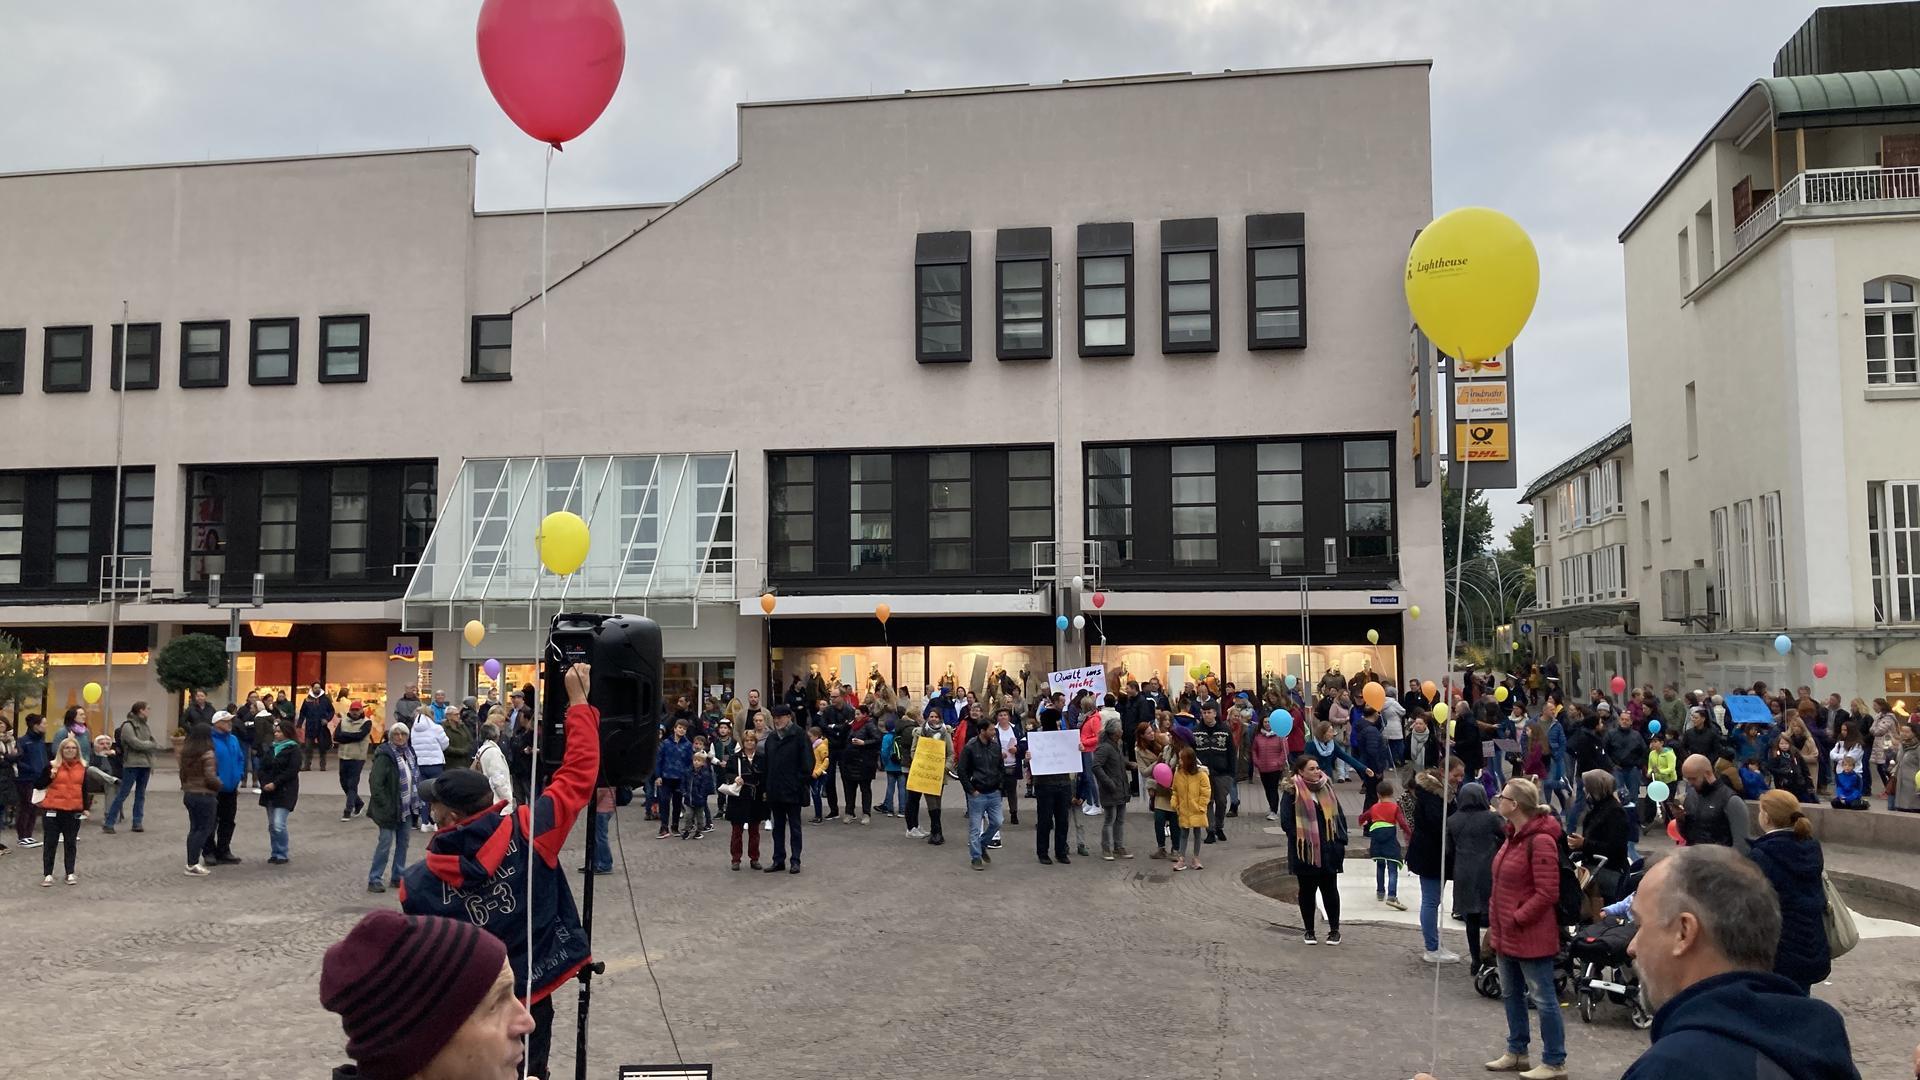 Demo auf dem Marktplatz in Gaggenau